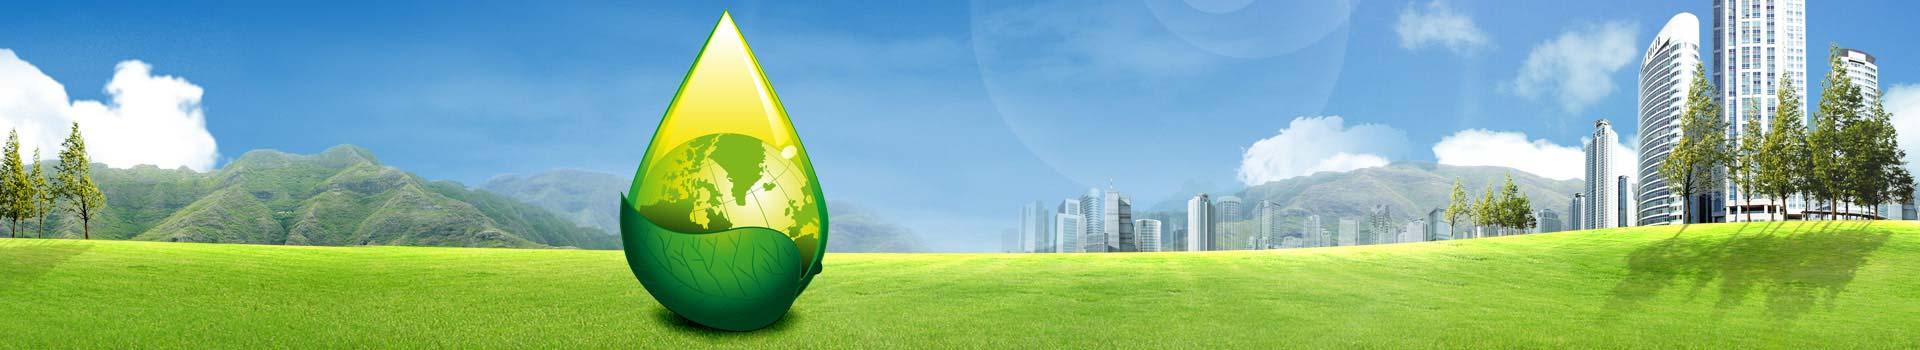 Energia que preserva o meio ambiente!